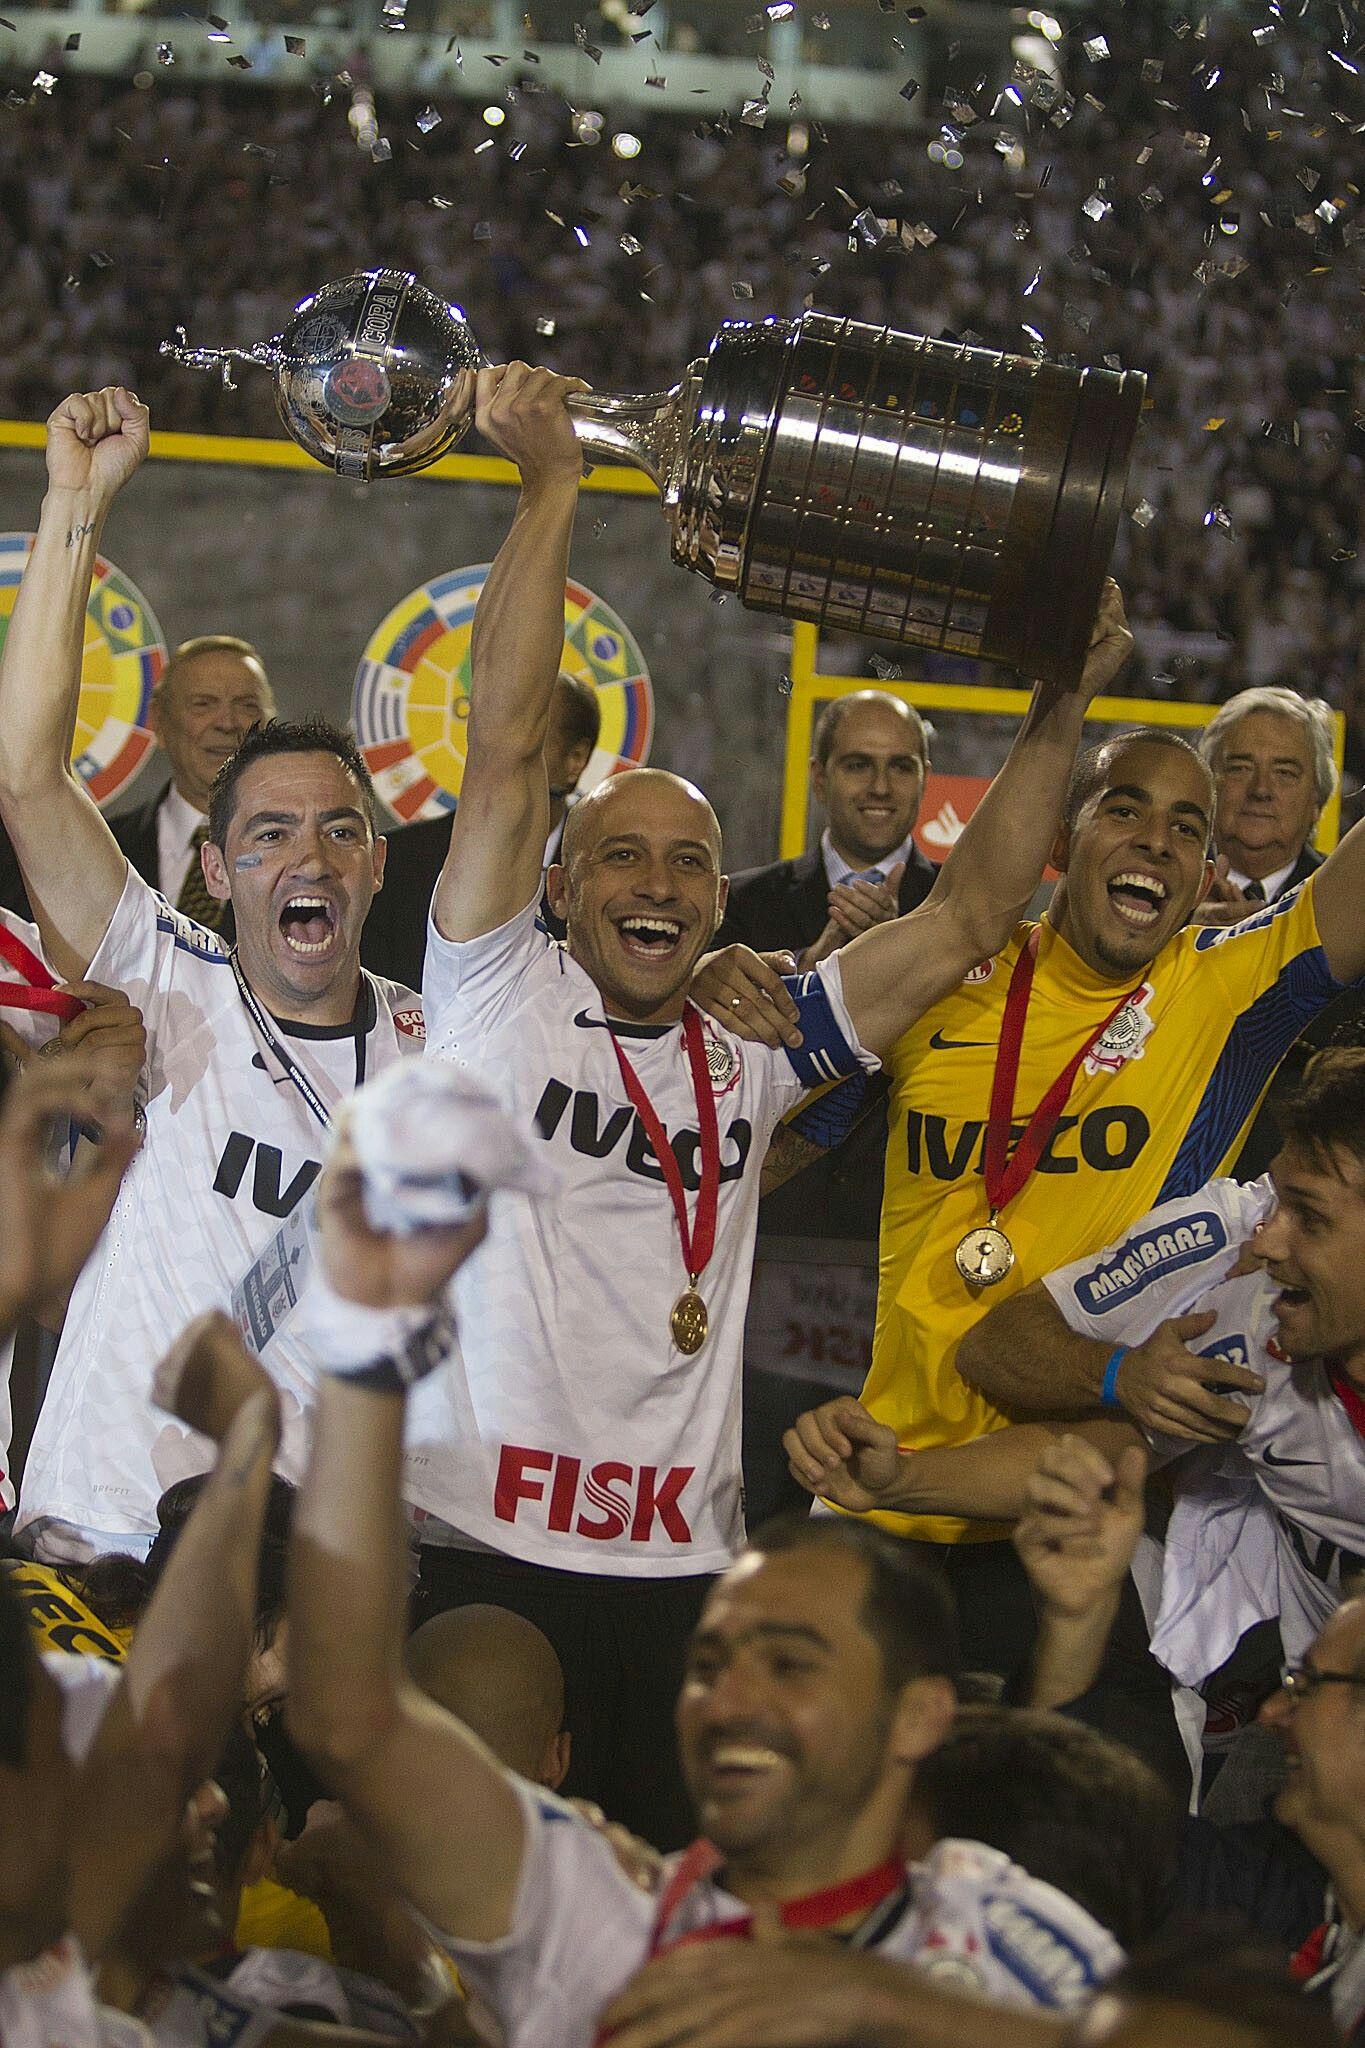 Corinthians Campeao Da Libertadores 04 07 2012 Libertadores 2012 Corinthians 2012 Campeoes Libertadores